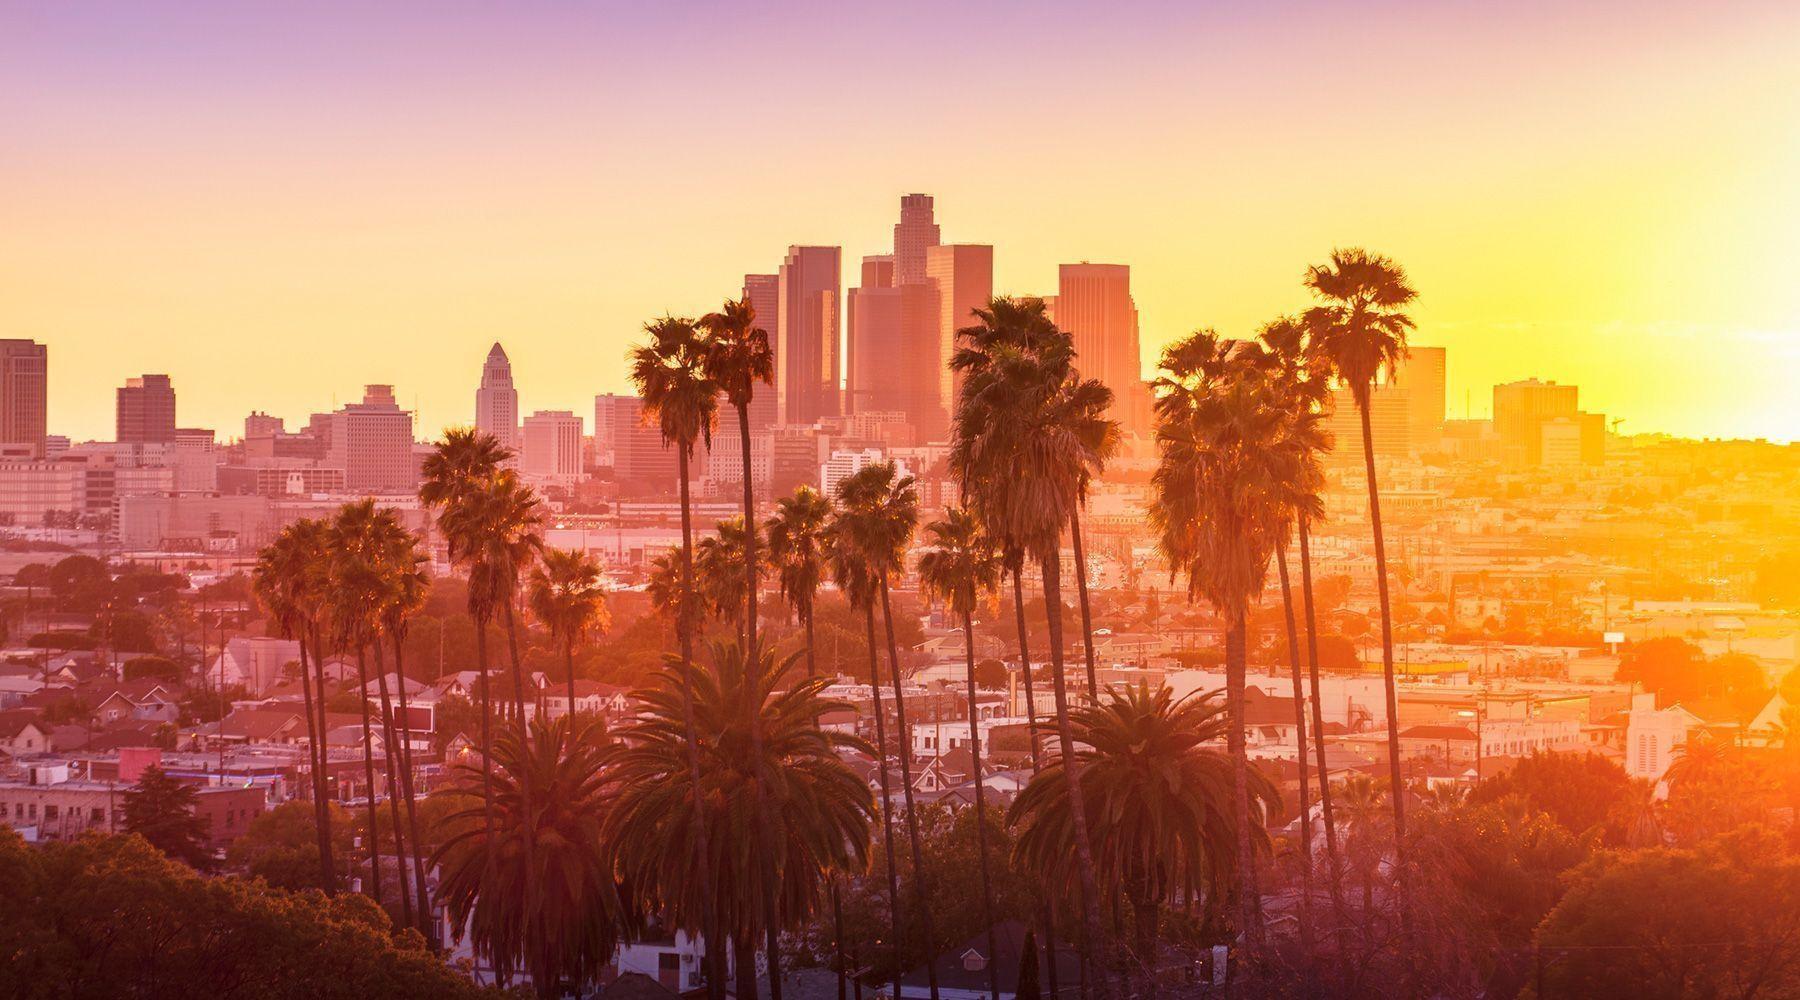 В Лос-Анджелесе развито множество видов промышленности. Фото: azamaraclubcruises.com